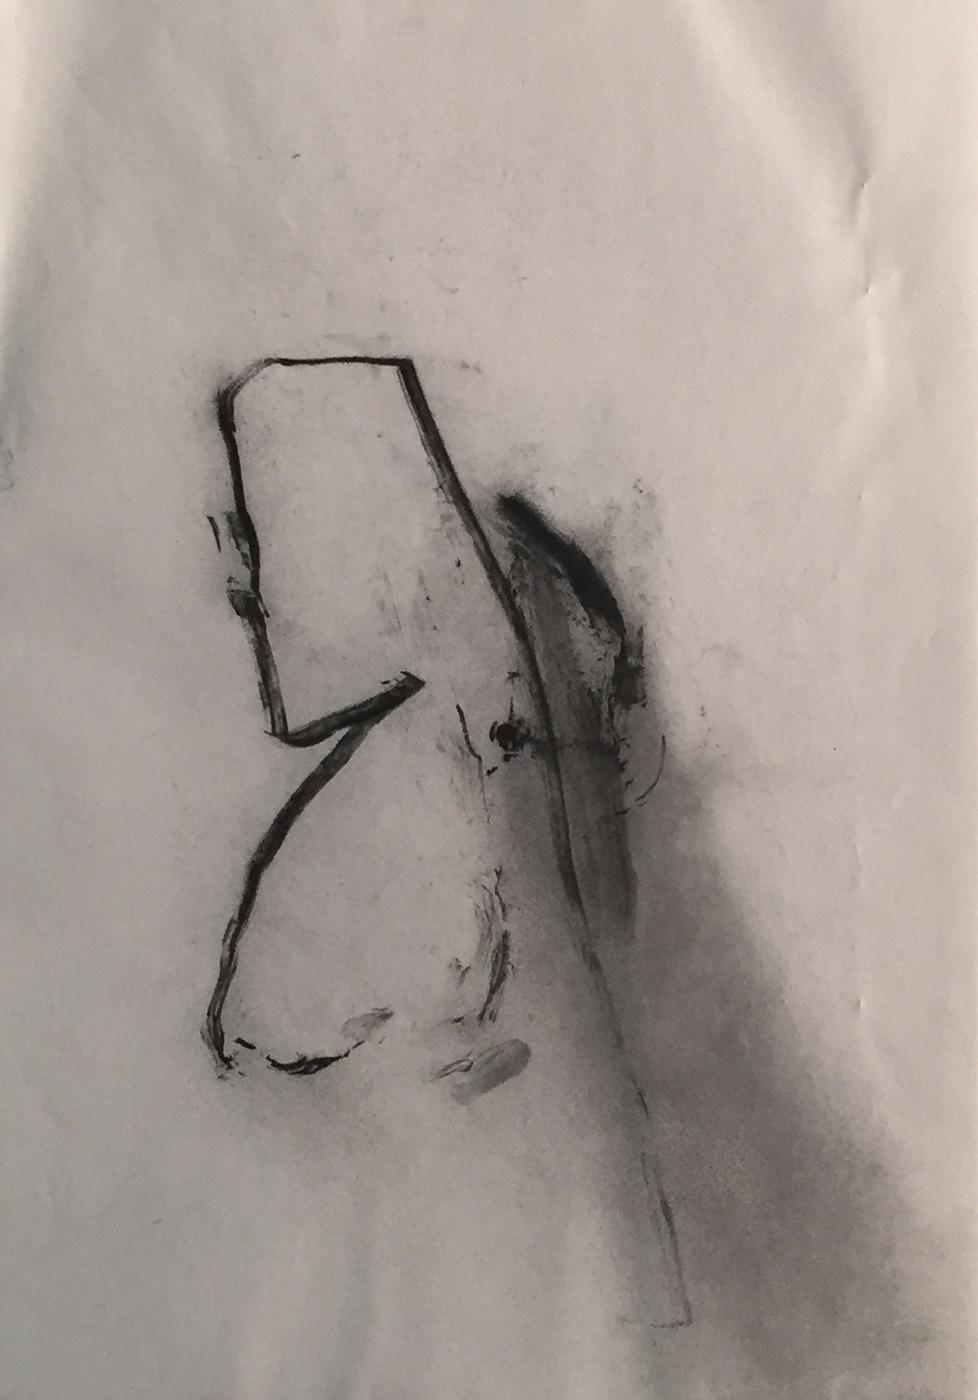 MARC FELD 2003 RESSAC Fusain sur papier 21 x 29.7 cm